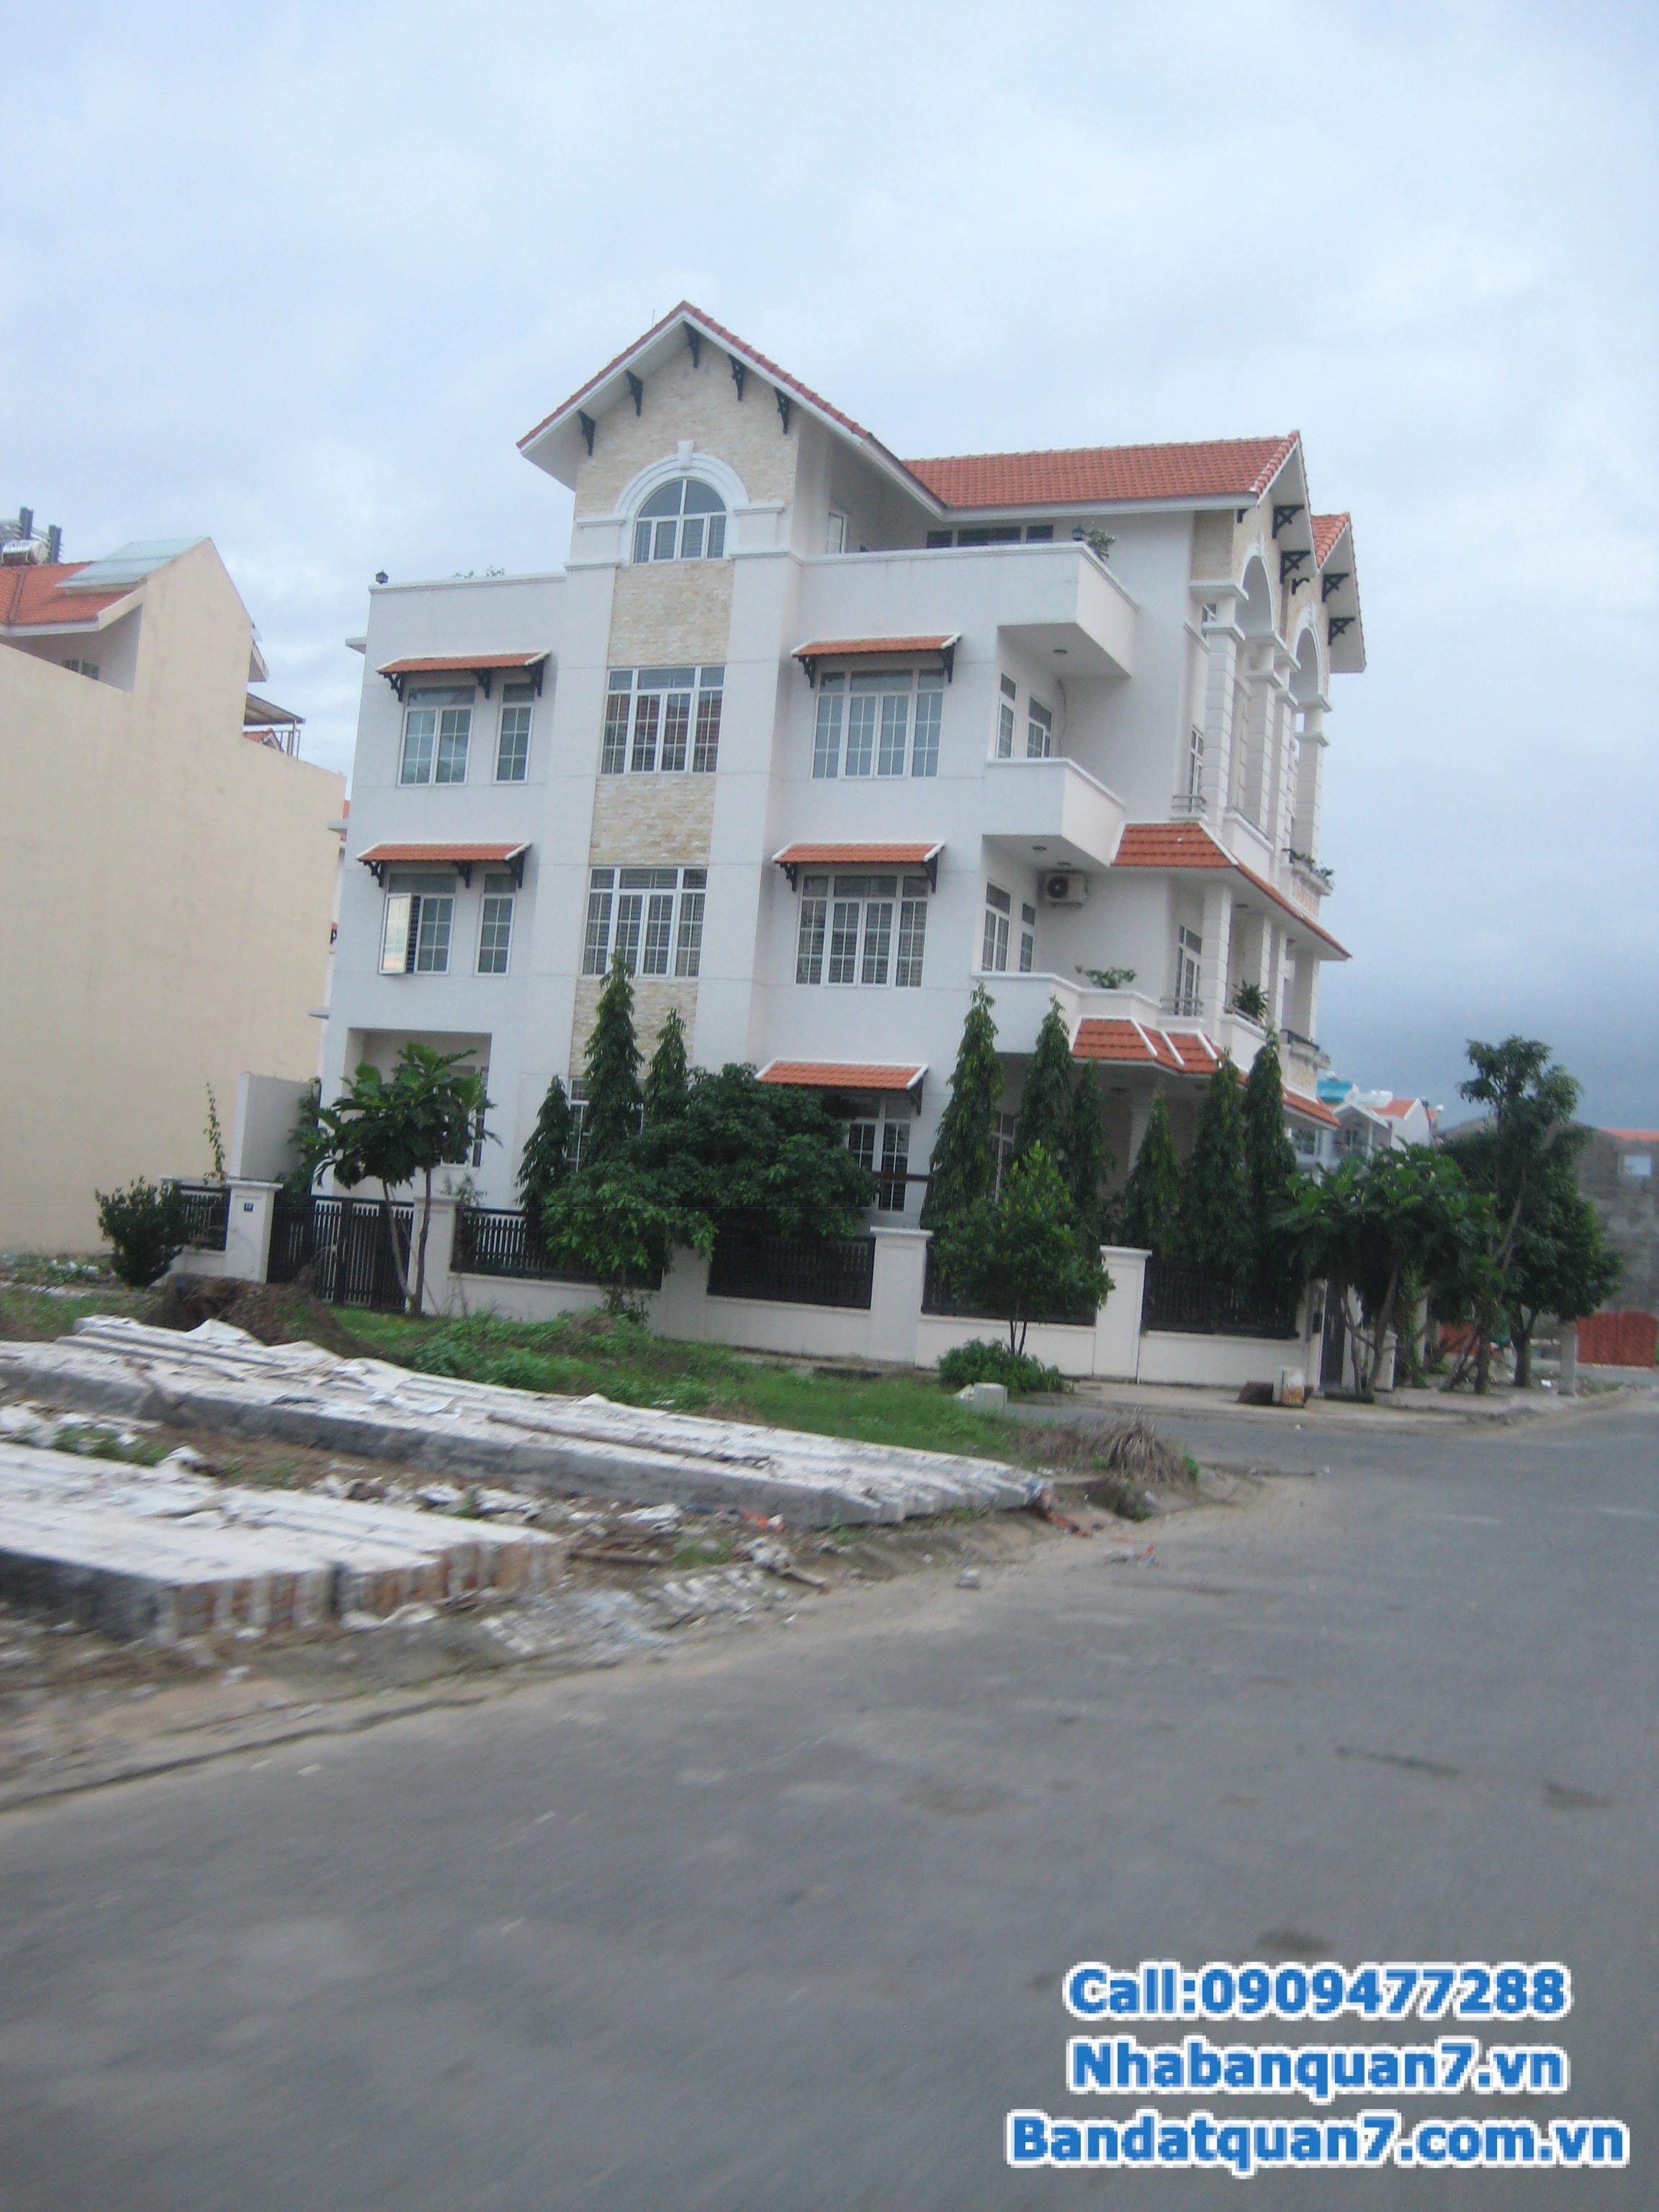 Kẹt tiền cần bán gấp đất nền dự án Him Lam Kênh Tẻ, Quận 7, căn góc hai mặt tiền giá: 82 tr/m2